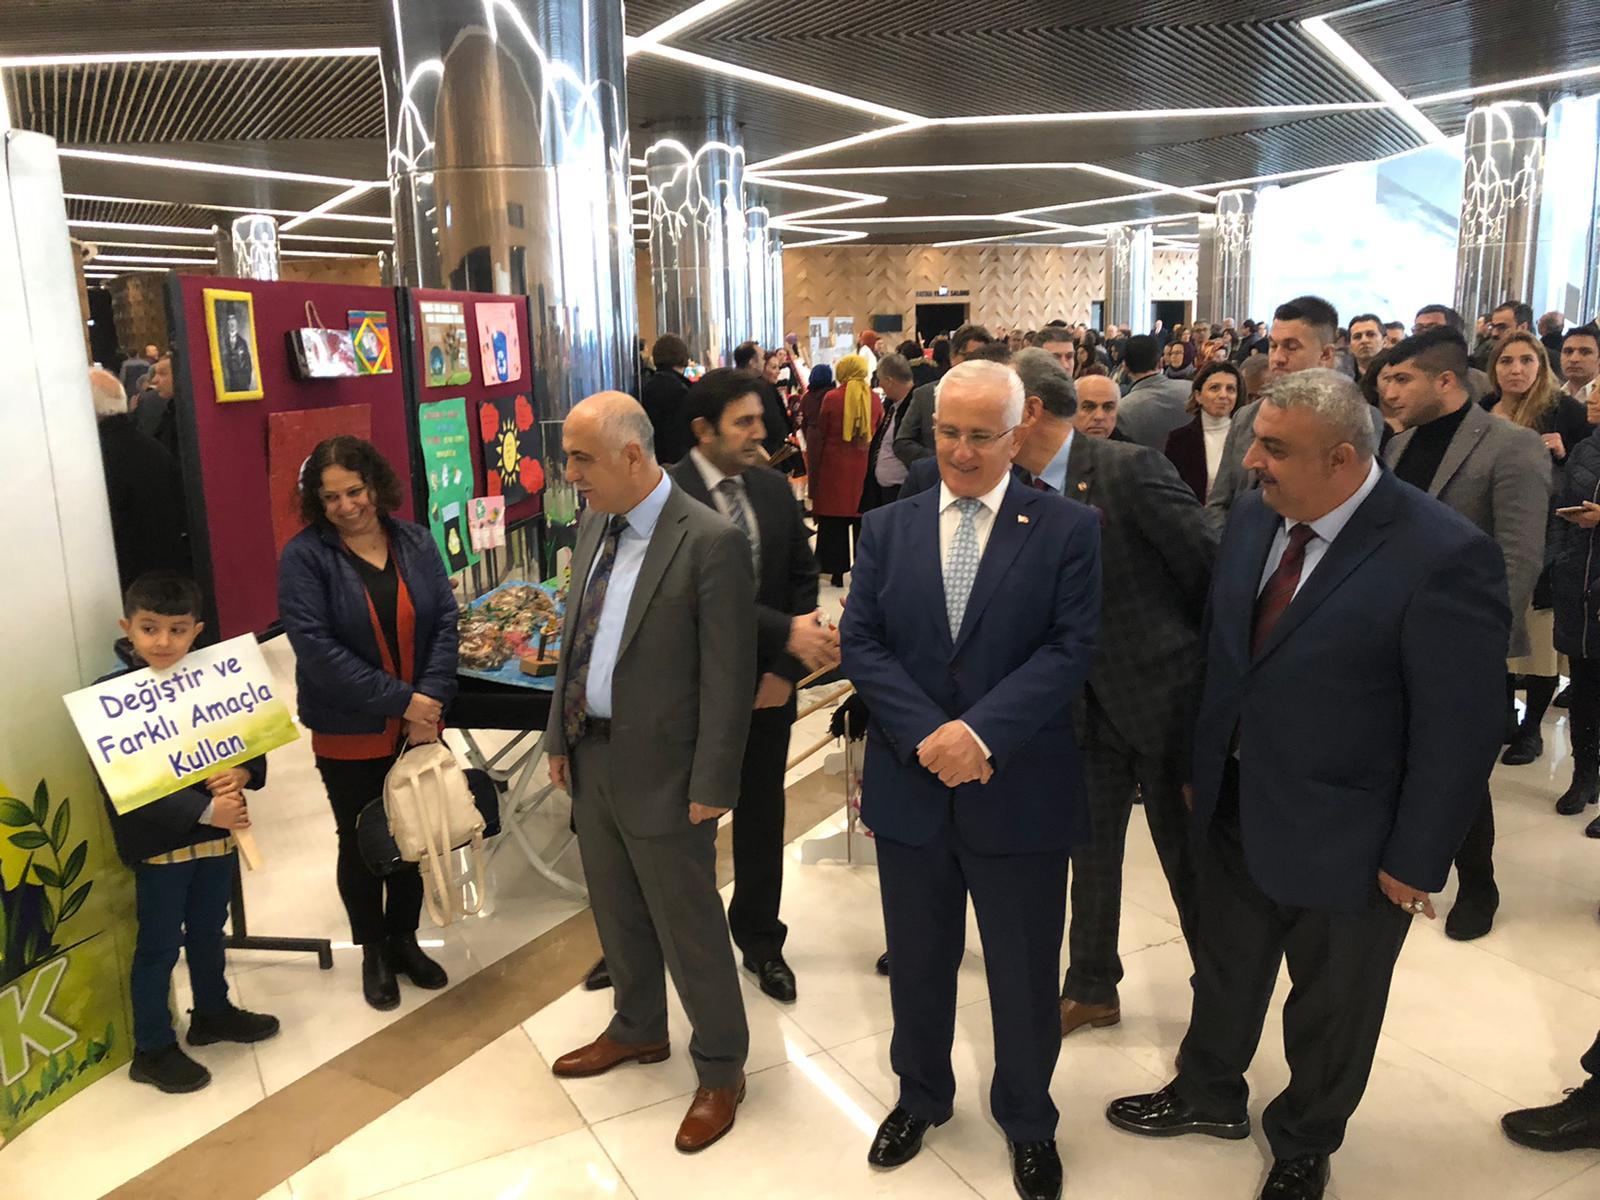 Cumhurbaşkanımız Recep Tayyip Erdoğan' ın Kıymetli Eşleri Emine Erdoğan Hanımefendinin Himayelerinde Gerçekleştirilen Sıfır Atık Projesi Eğitim Modeli Toplantısı Milli Eğitim Müdürlüğünce  Gerçekleştirildi.